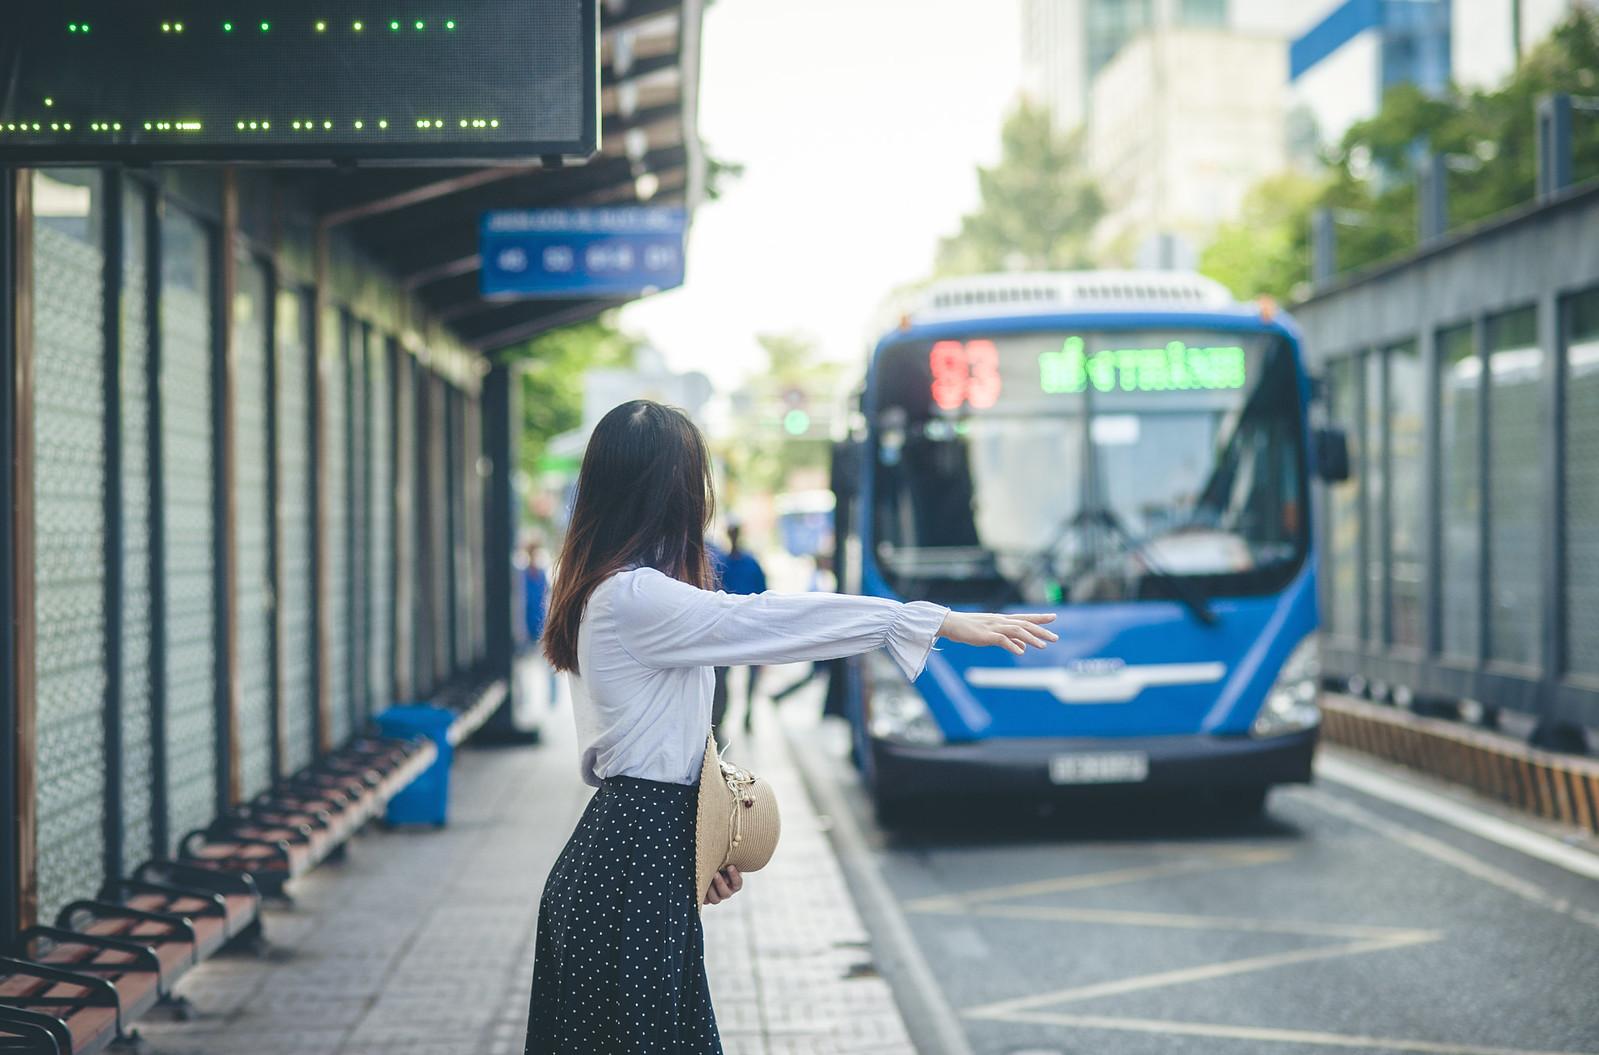 29253497978 e417f15cf5 h - Trạm xe buýt quận 1, địa điểm check-in mới cho giới trẻ Sài Gòn